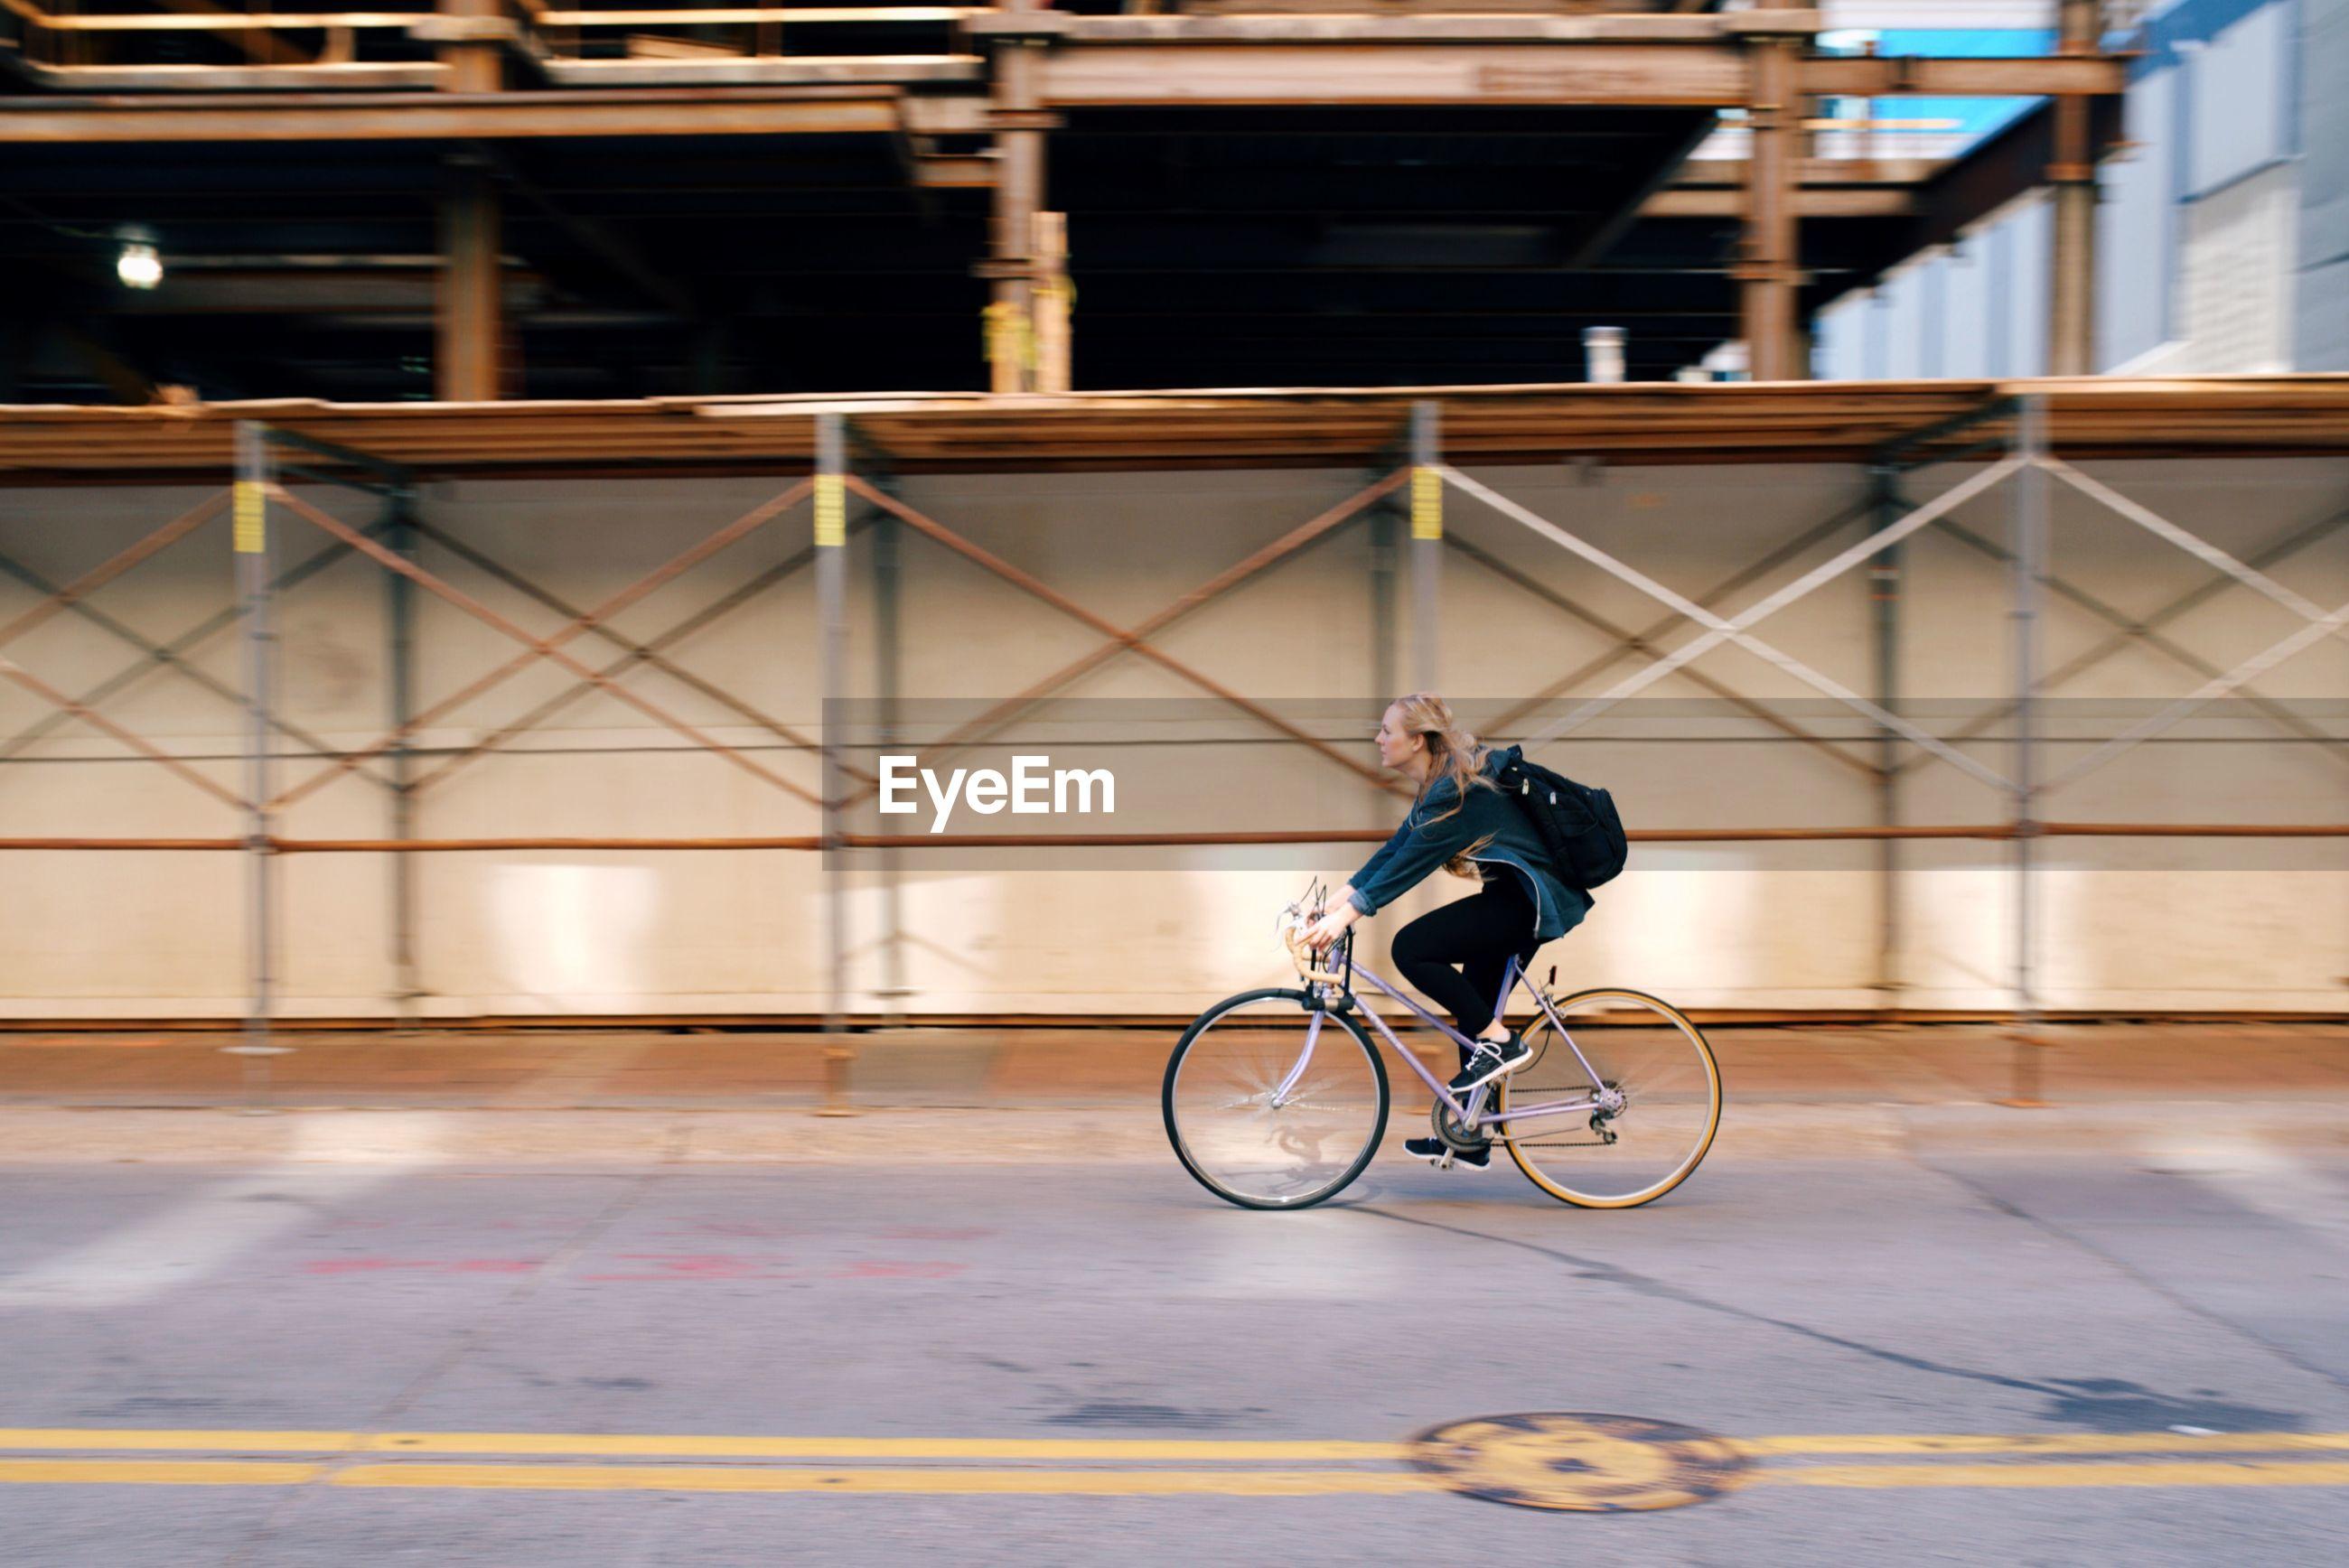 MAN RIDING BICYCLE ON BICYCLE